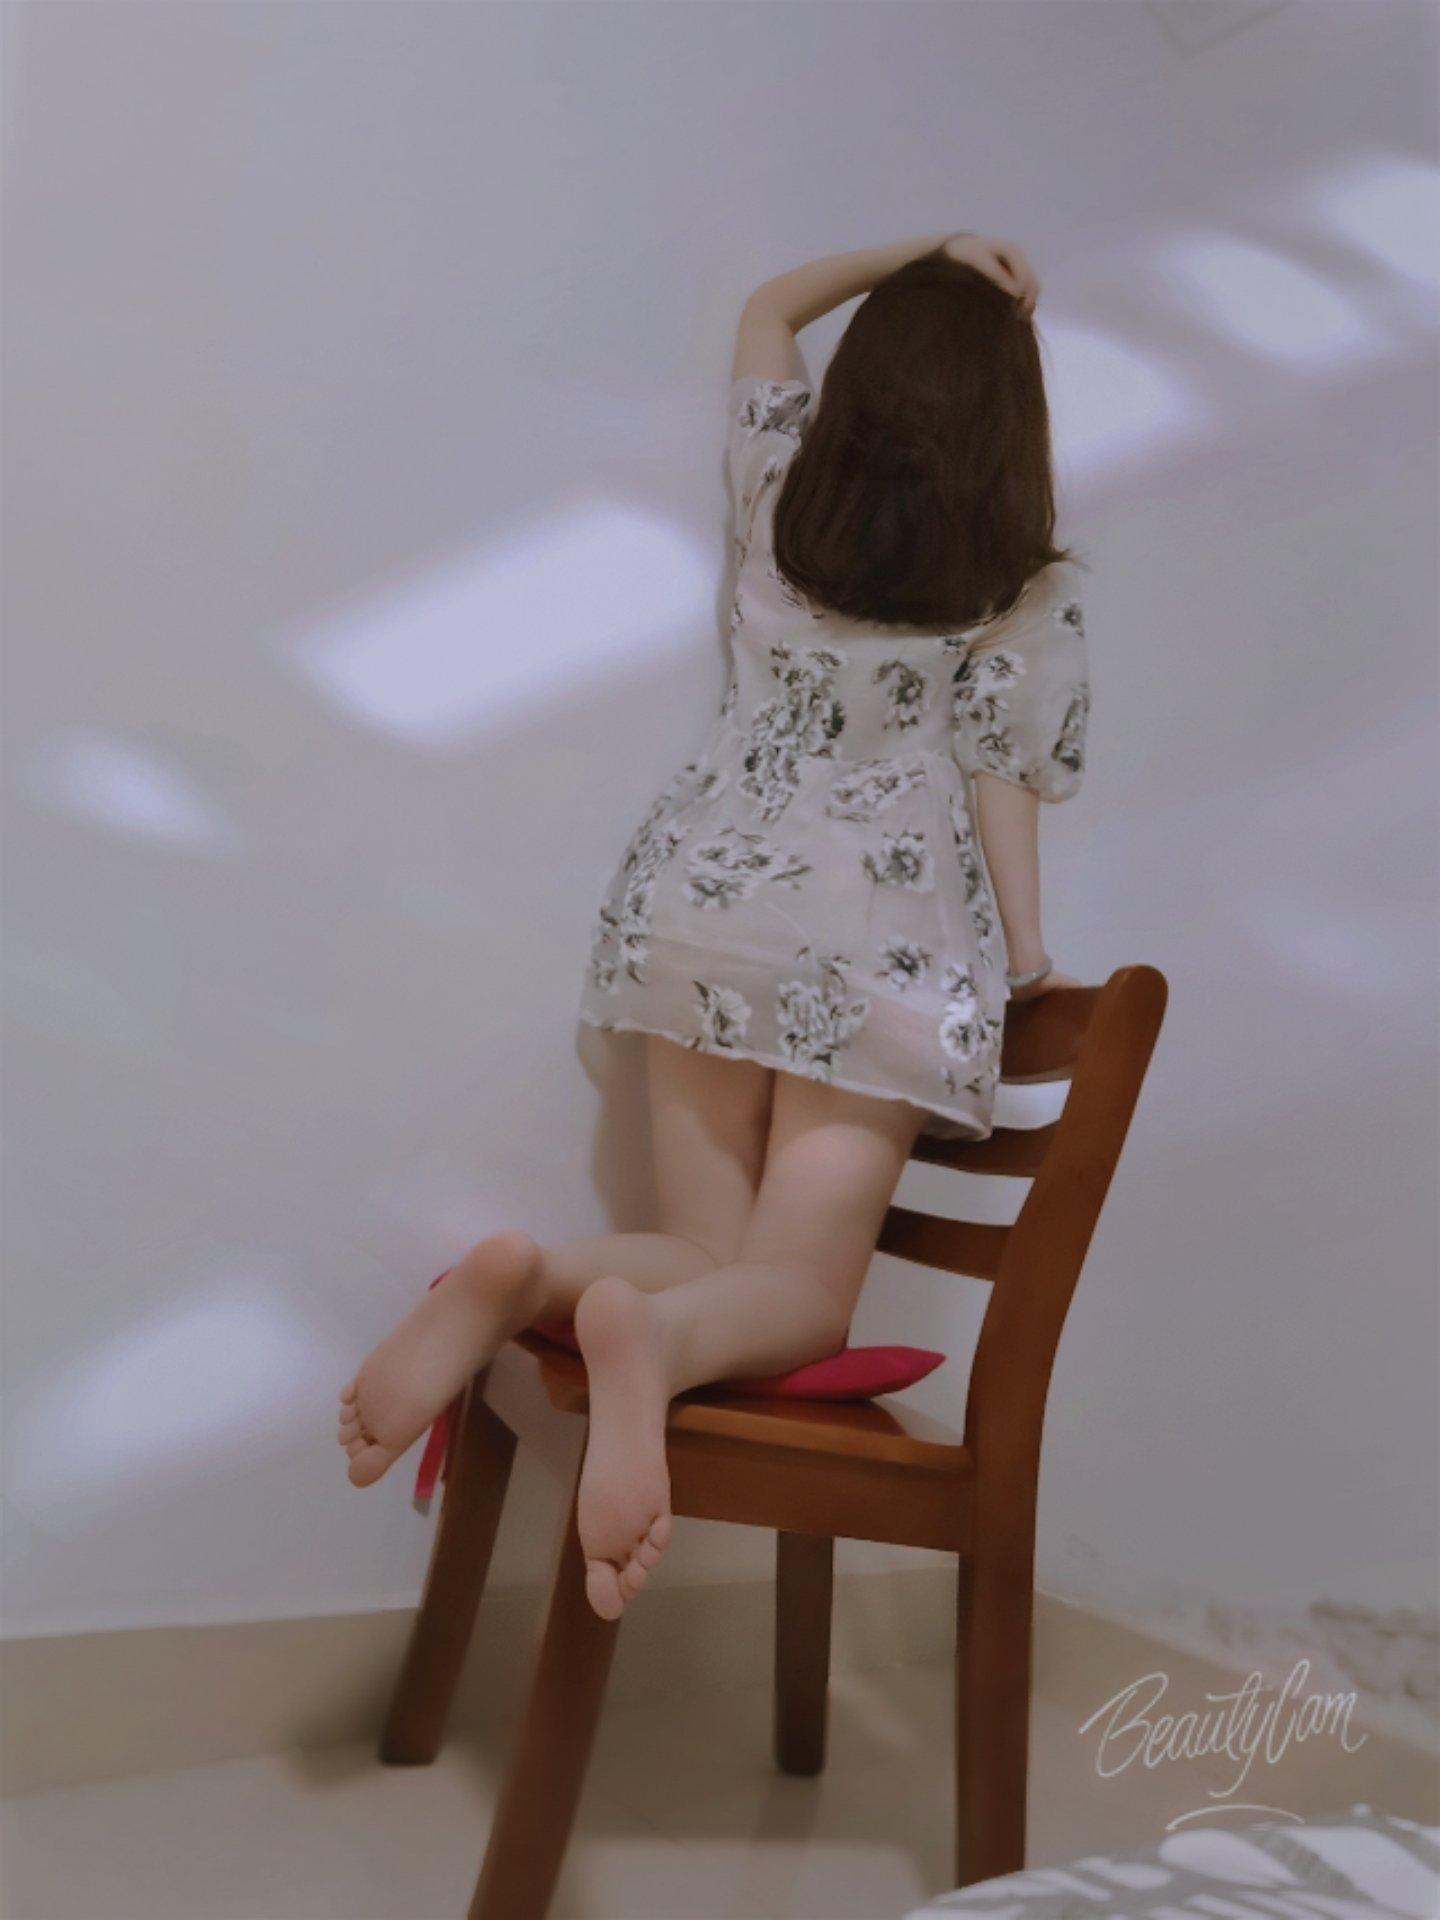 生存 胴体切断 頭部から心臓を含む胴体を再生させるウミウシ(奈良女子大)